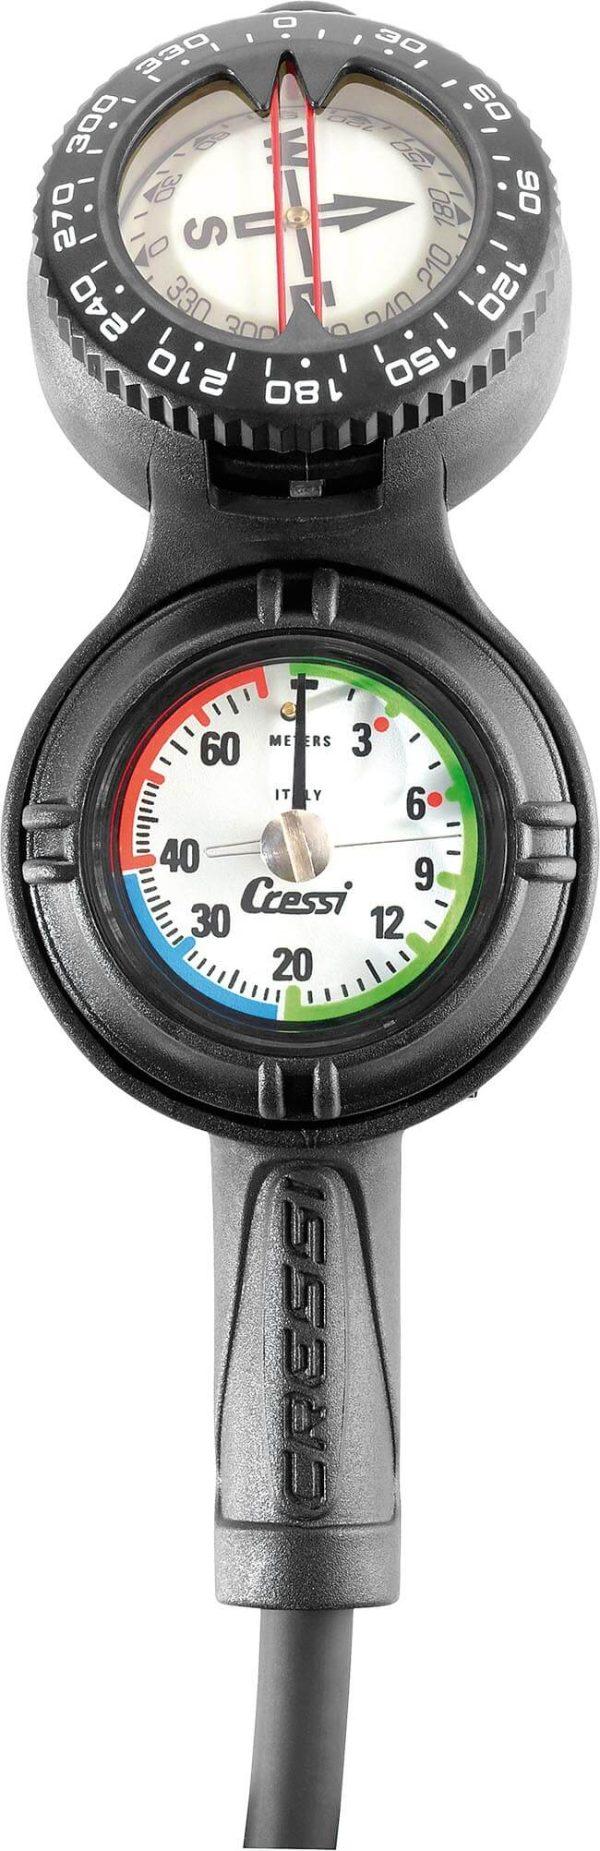 Consola de Buceo Cressi CPD3 – Compás (Brújula), Manómetro y Profundímetro frente